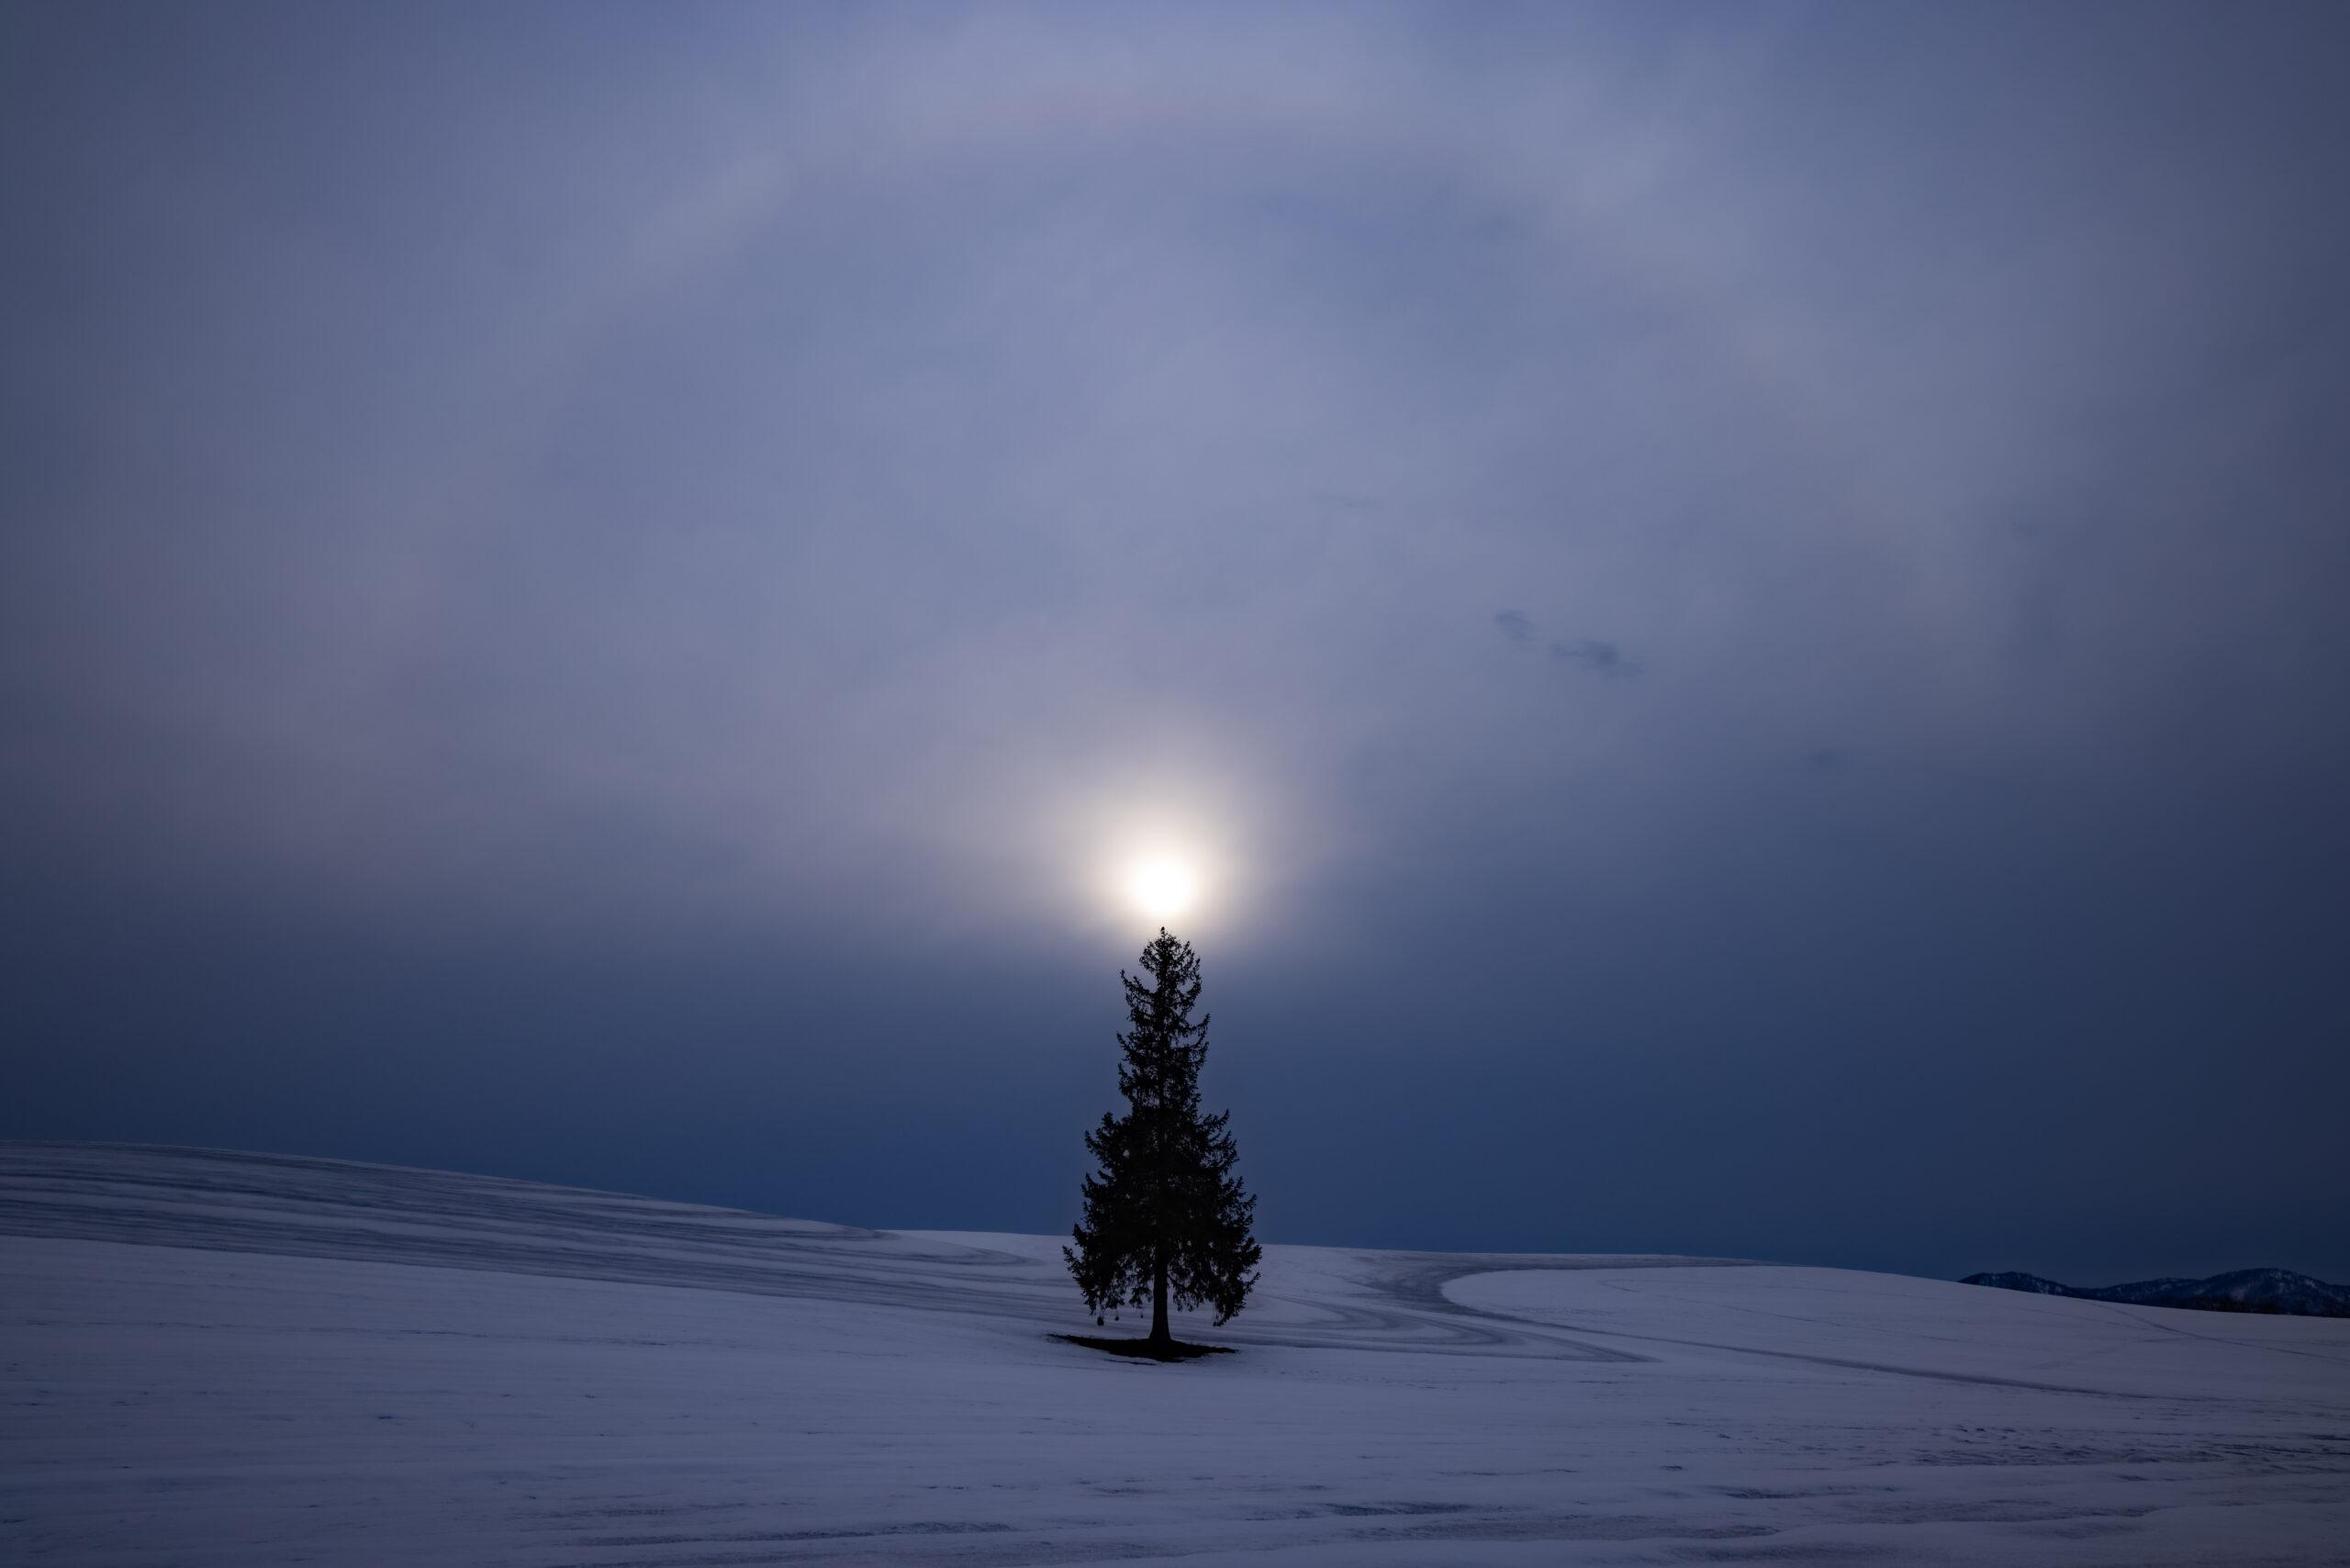 ハロとクリスマスツリーの木